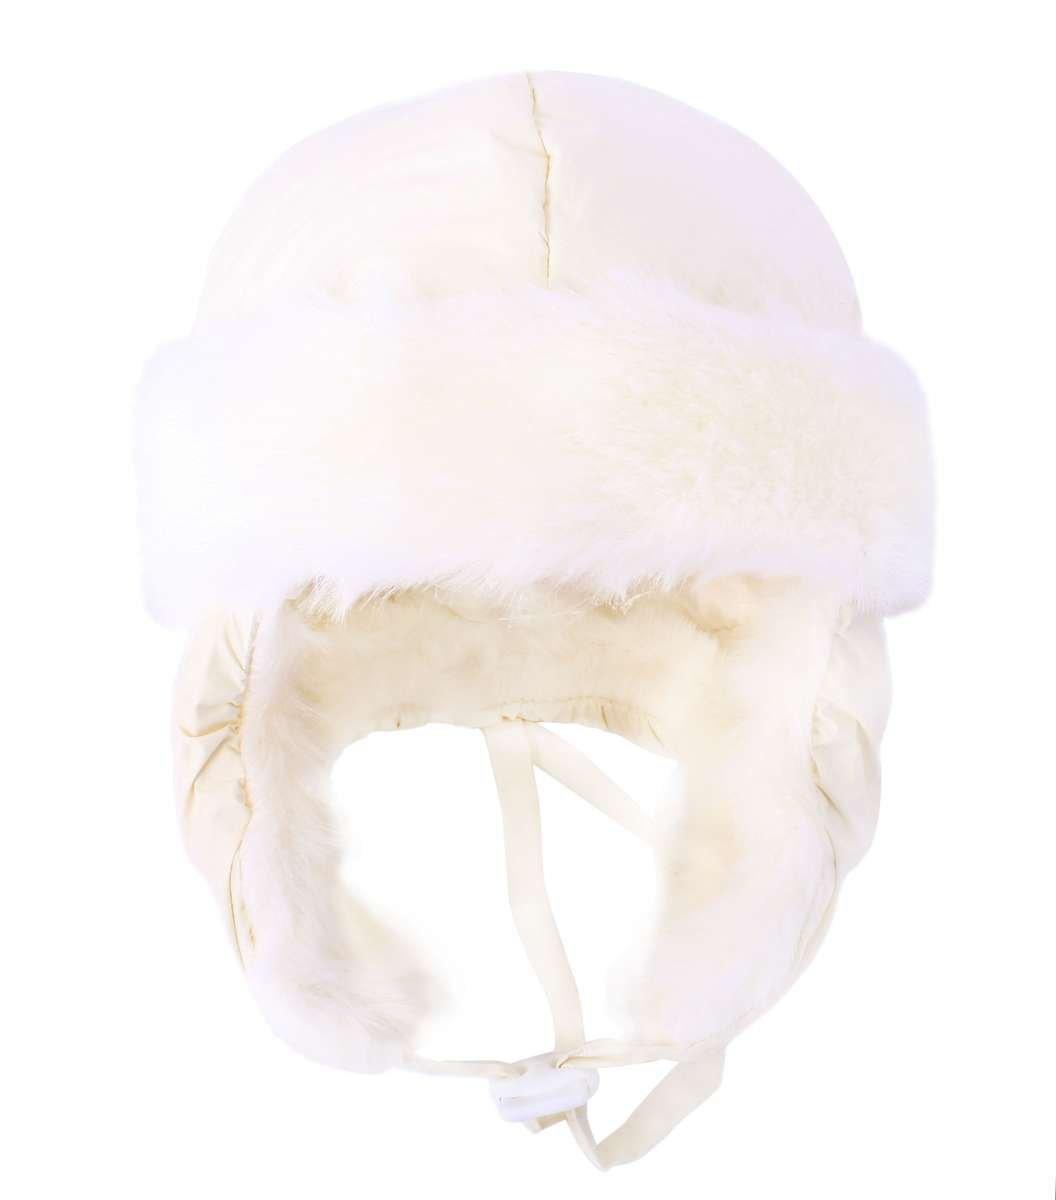 Lenne '18 Mari Art.17787/100 Silta ziemas cepure krāsa 100